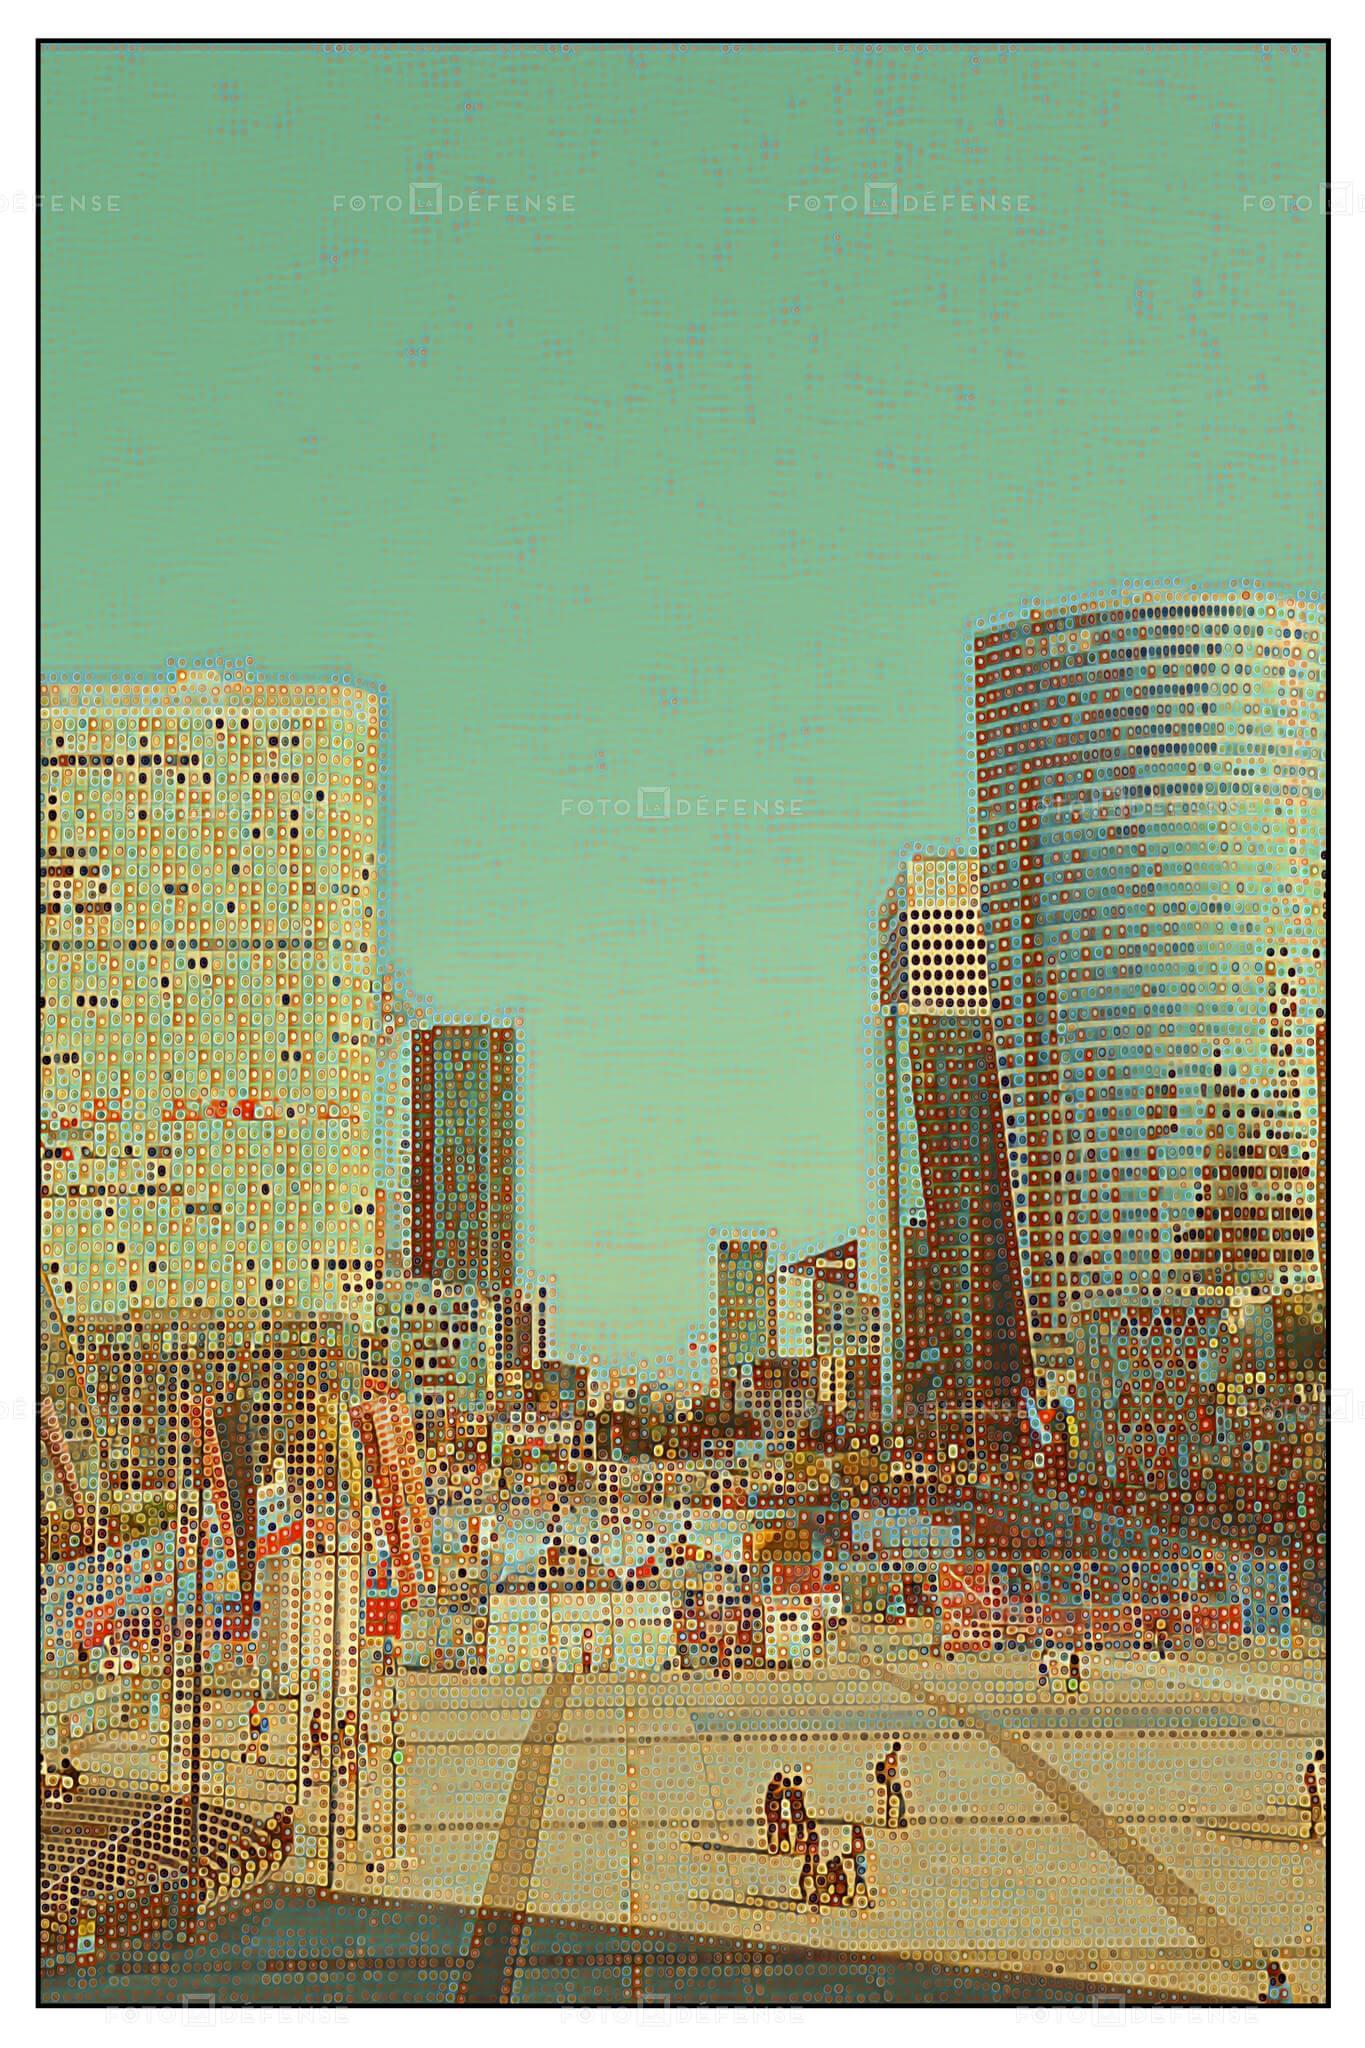 Quartier De La Défense images et les photos d'actualités